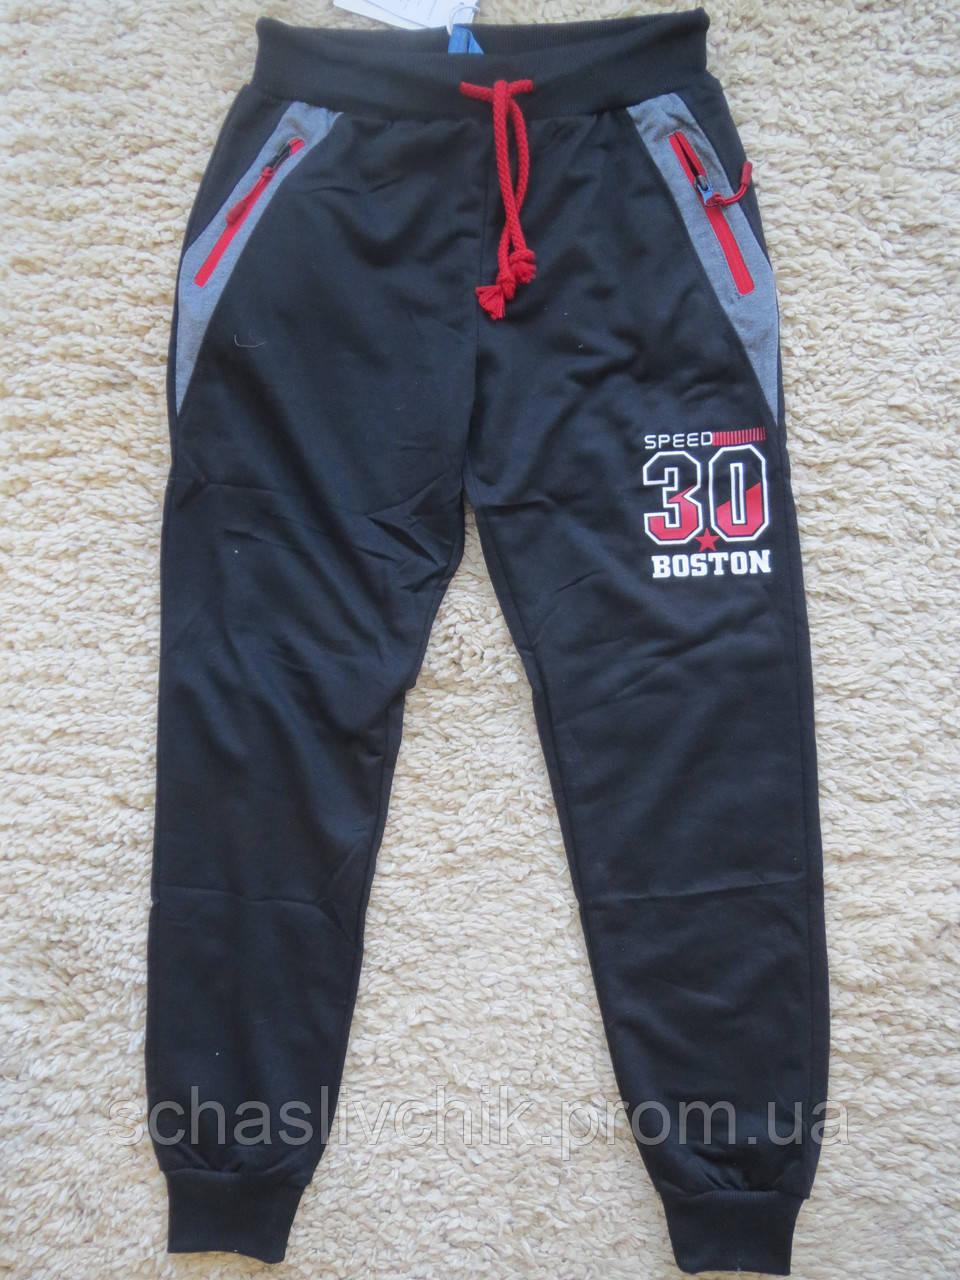 Трикотажные спортивные штаны для мальчиков.Размеры 140-170.Фирма Grace.Венгрия